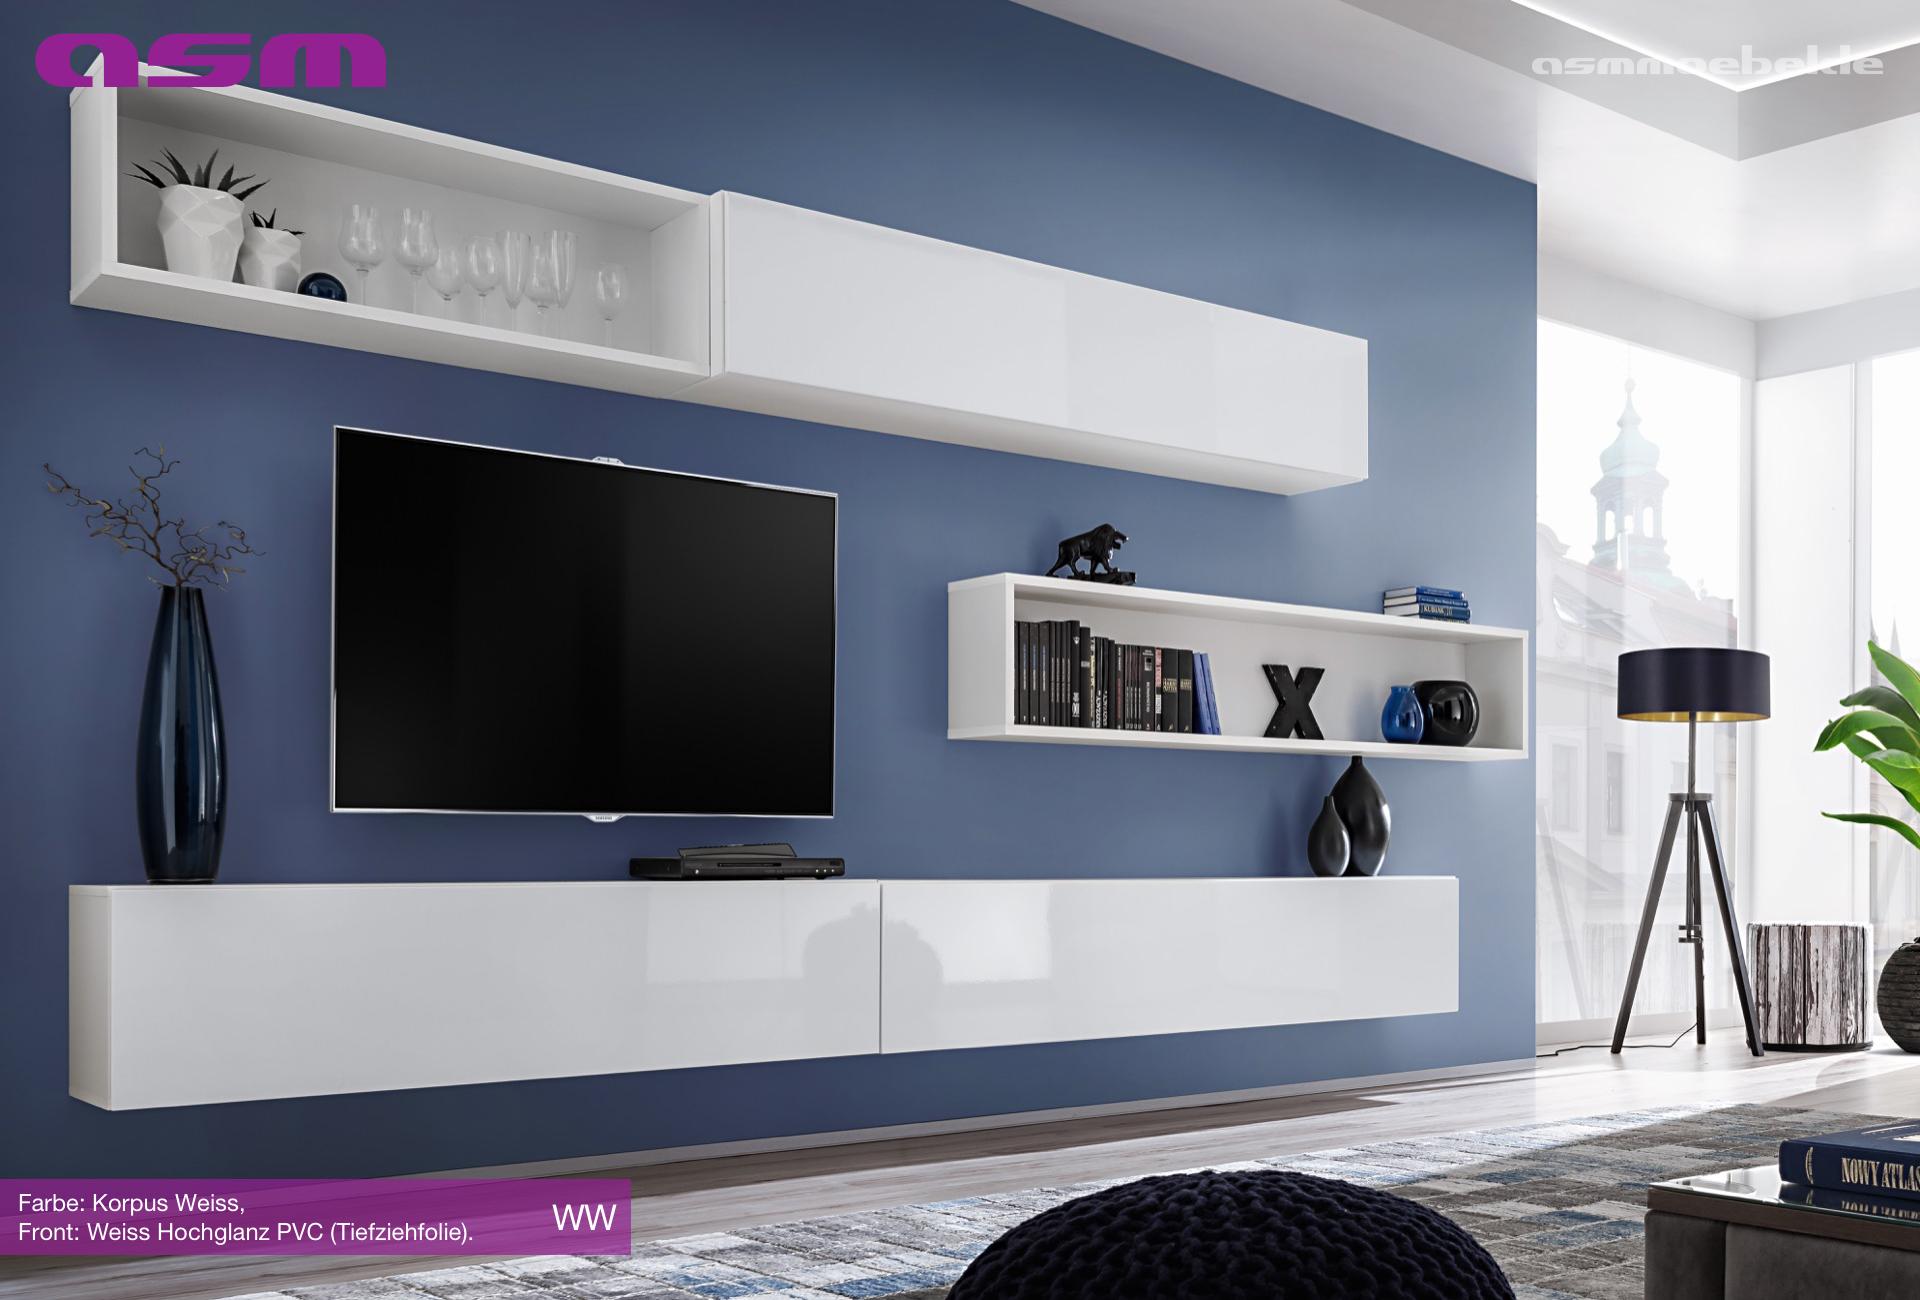 Anbauwand Wohnwand Wohnzimmer Schrankwand SWITCH X HOCHGLANZ PVC Push Click Neu